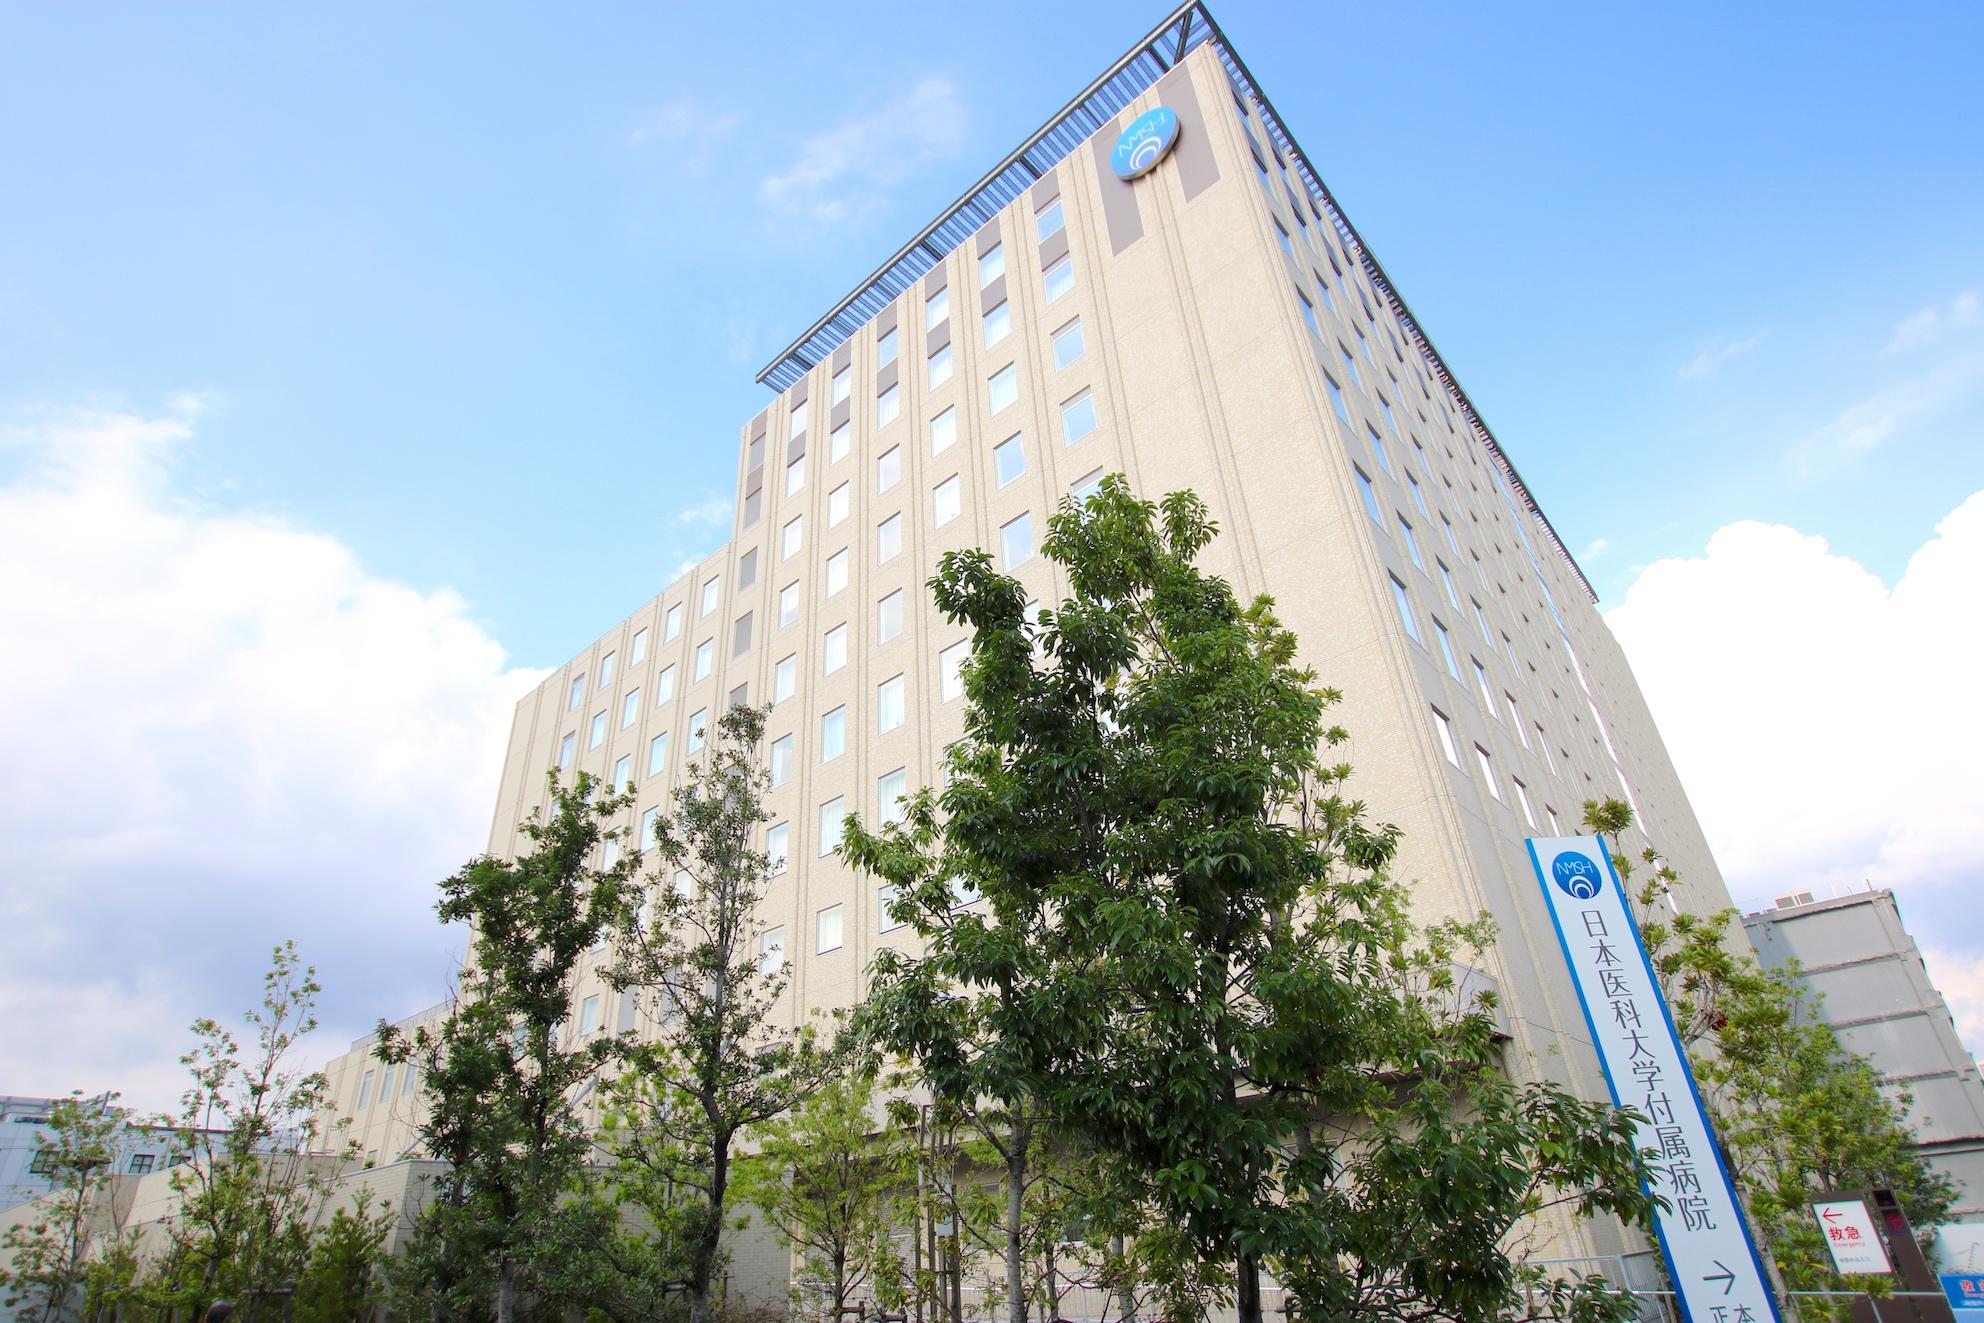 日本医科大学付属病院で注射器など物品の補充やカウントをする仕事